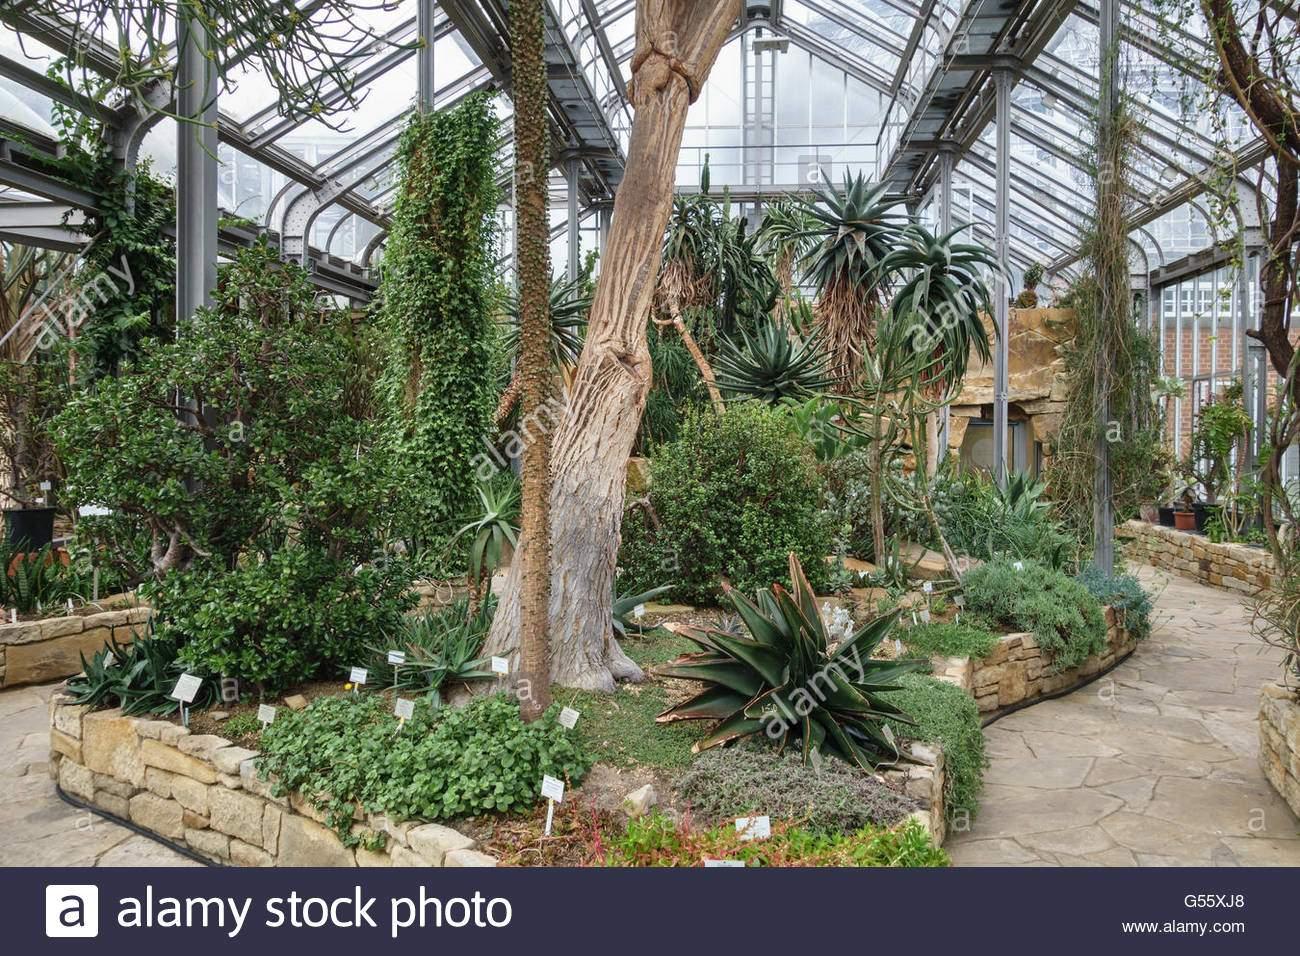 berlin deutschland der botanische garten berlin dahlem afrikanische sukkulenten in den wichtigsten tropischen gewachshaus g55xj8